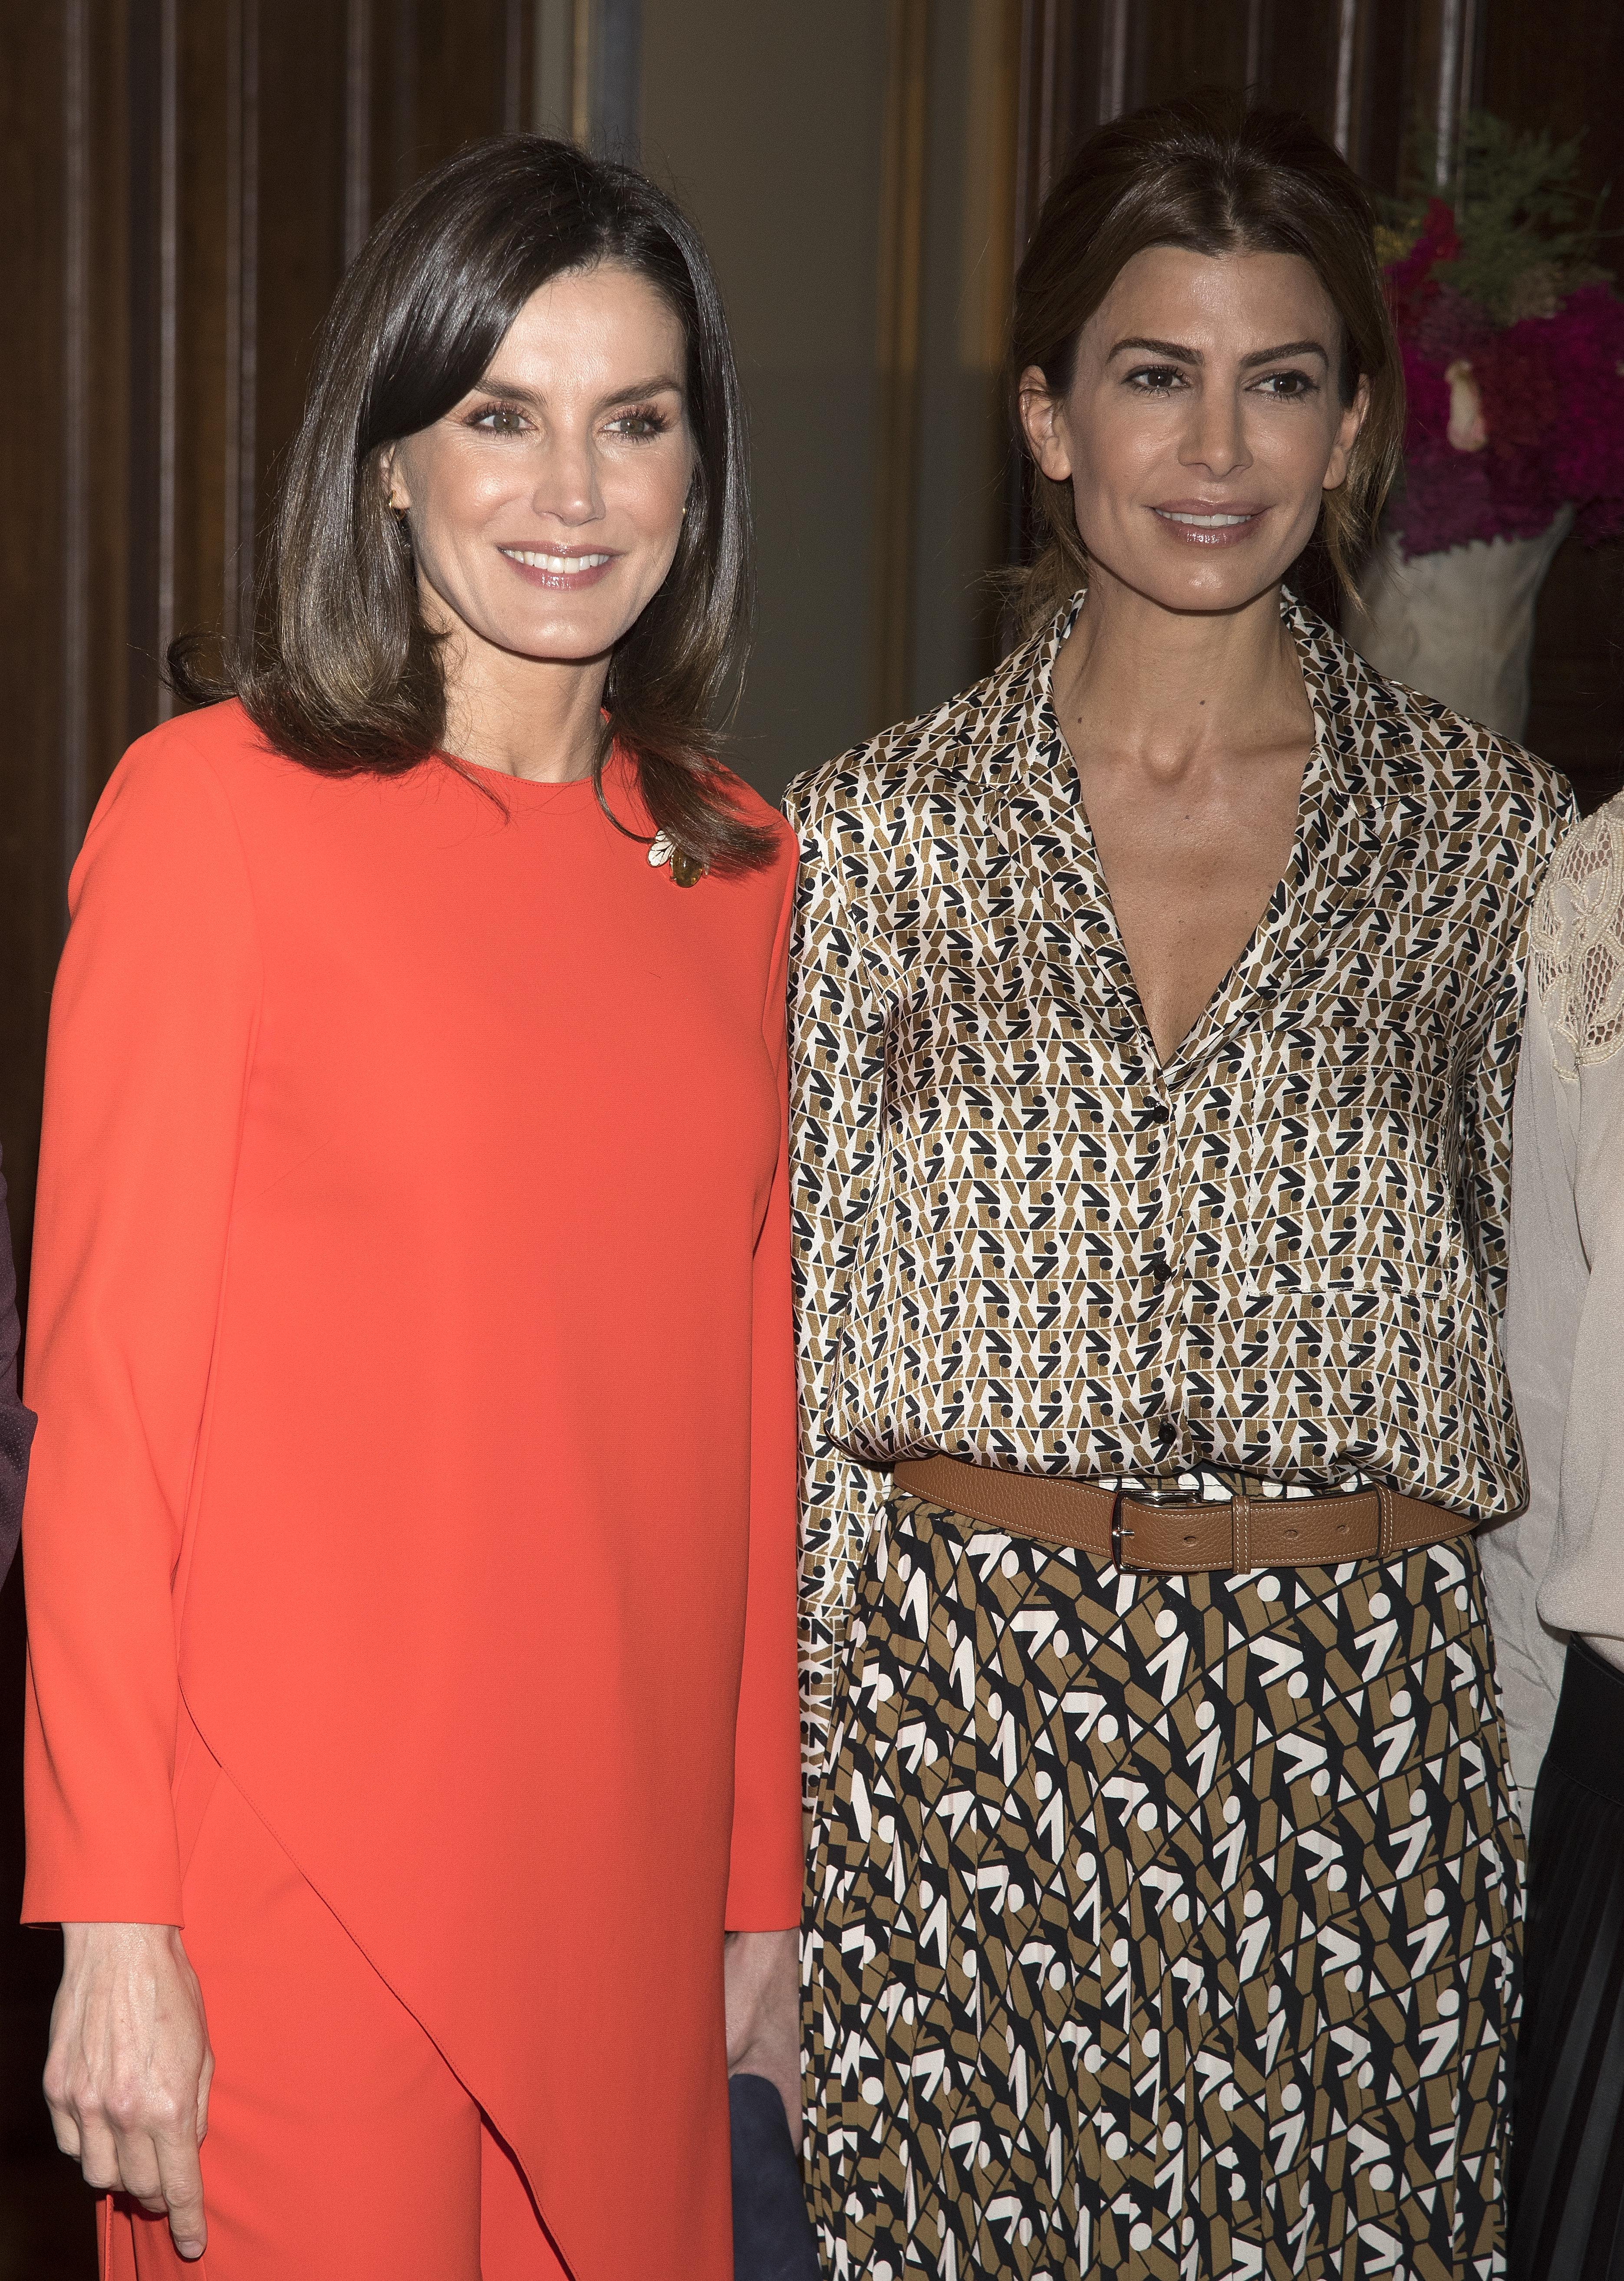 El guiño de la primera dama argentina a España durante la visita de la reina Letizia: no suele